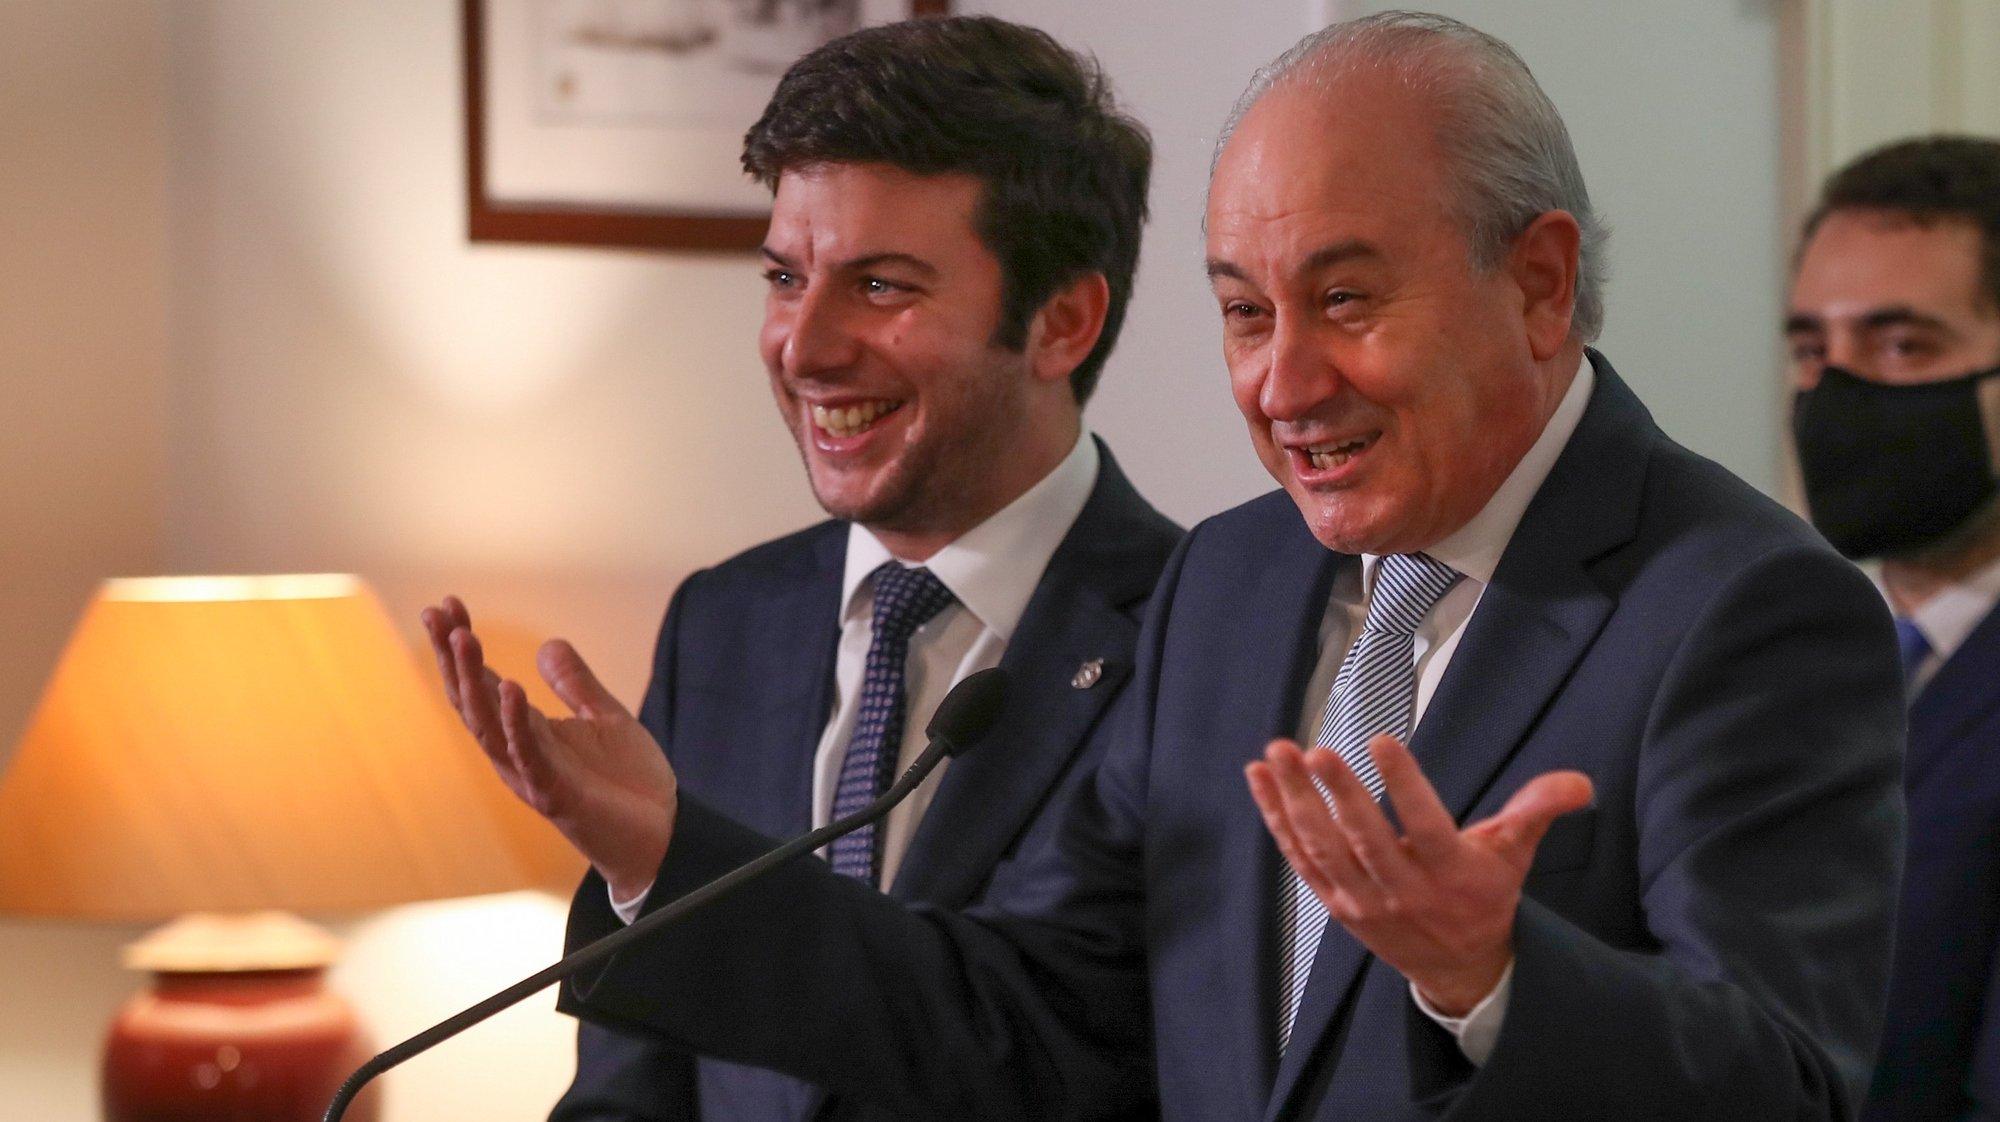 O presidente do Partido Social Democrata (PSD), Rui Rio (D), e o presidente do CDS-PP, Francisco Rodrigues dos Santos, falam aos jornalistas em conferência de imprensa conjunta após uma reunião realizada  na sede nacional do PSD, em Lisboa, 27 de janeiro de 2021.  MANUEL DE ALMEIDA/LUSA